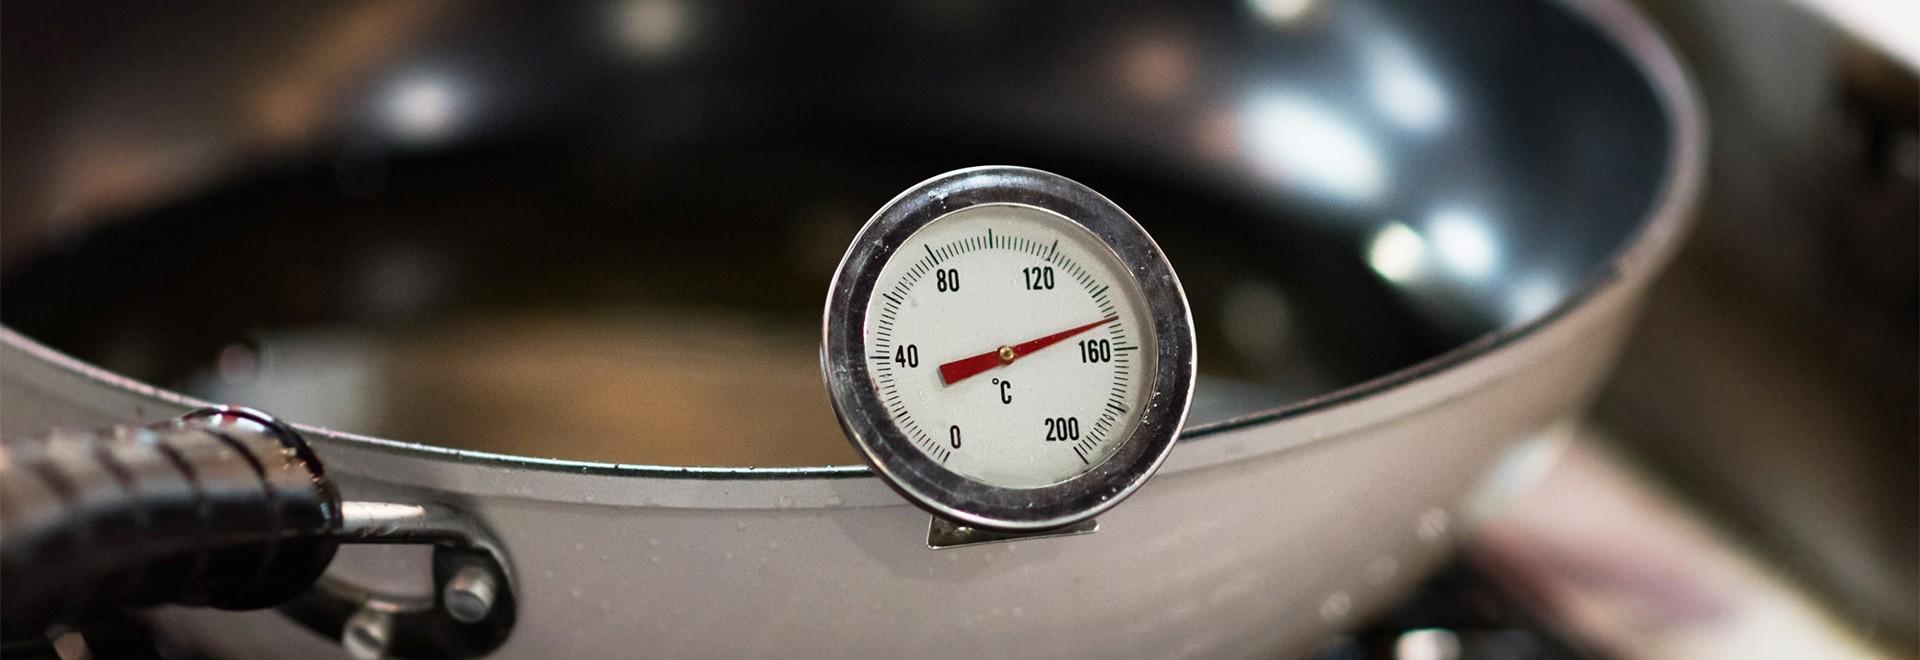 Pratiques ces thermomètres pour la cuisine!